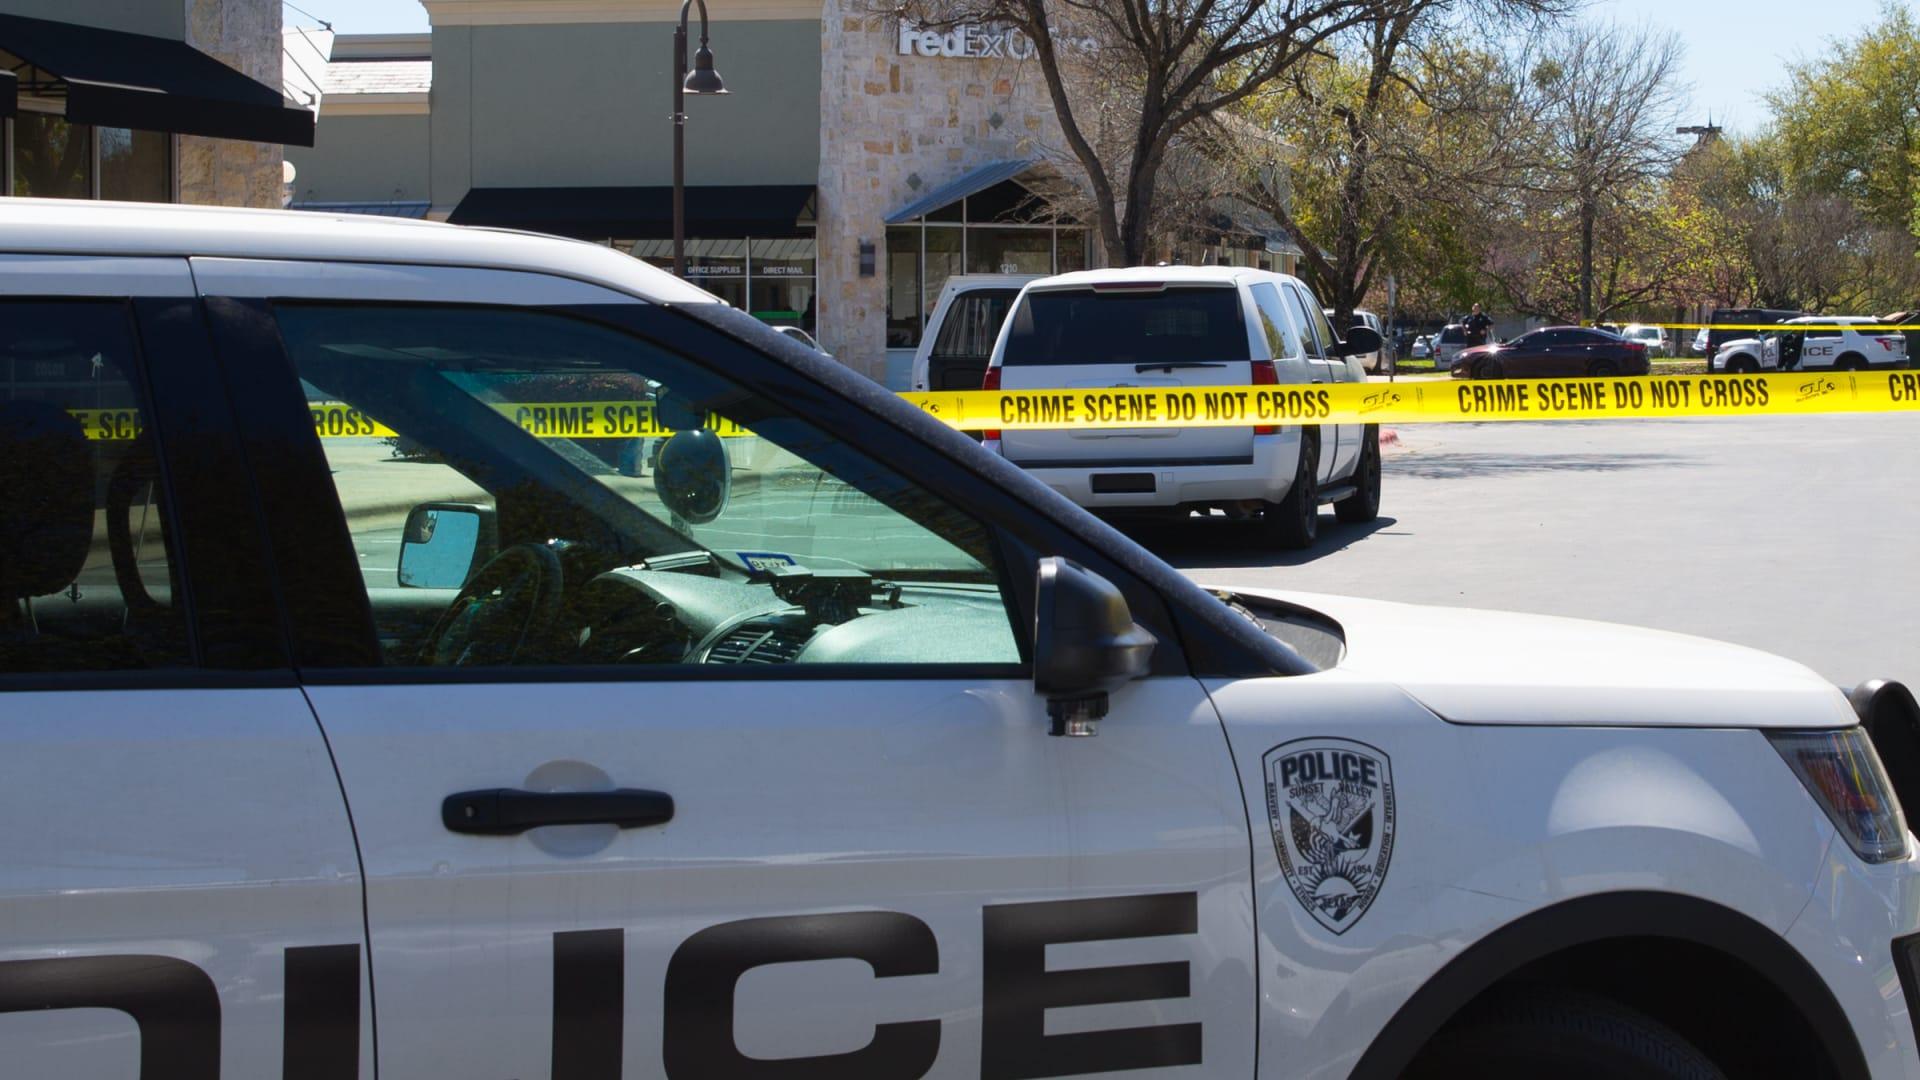 مقتل 3 أشخاص في حادث إطلاق نار بولاية تكساس الأمريكية